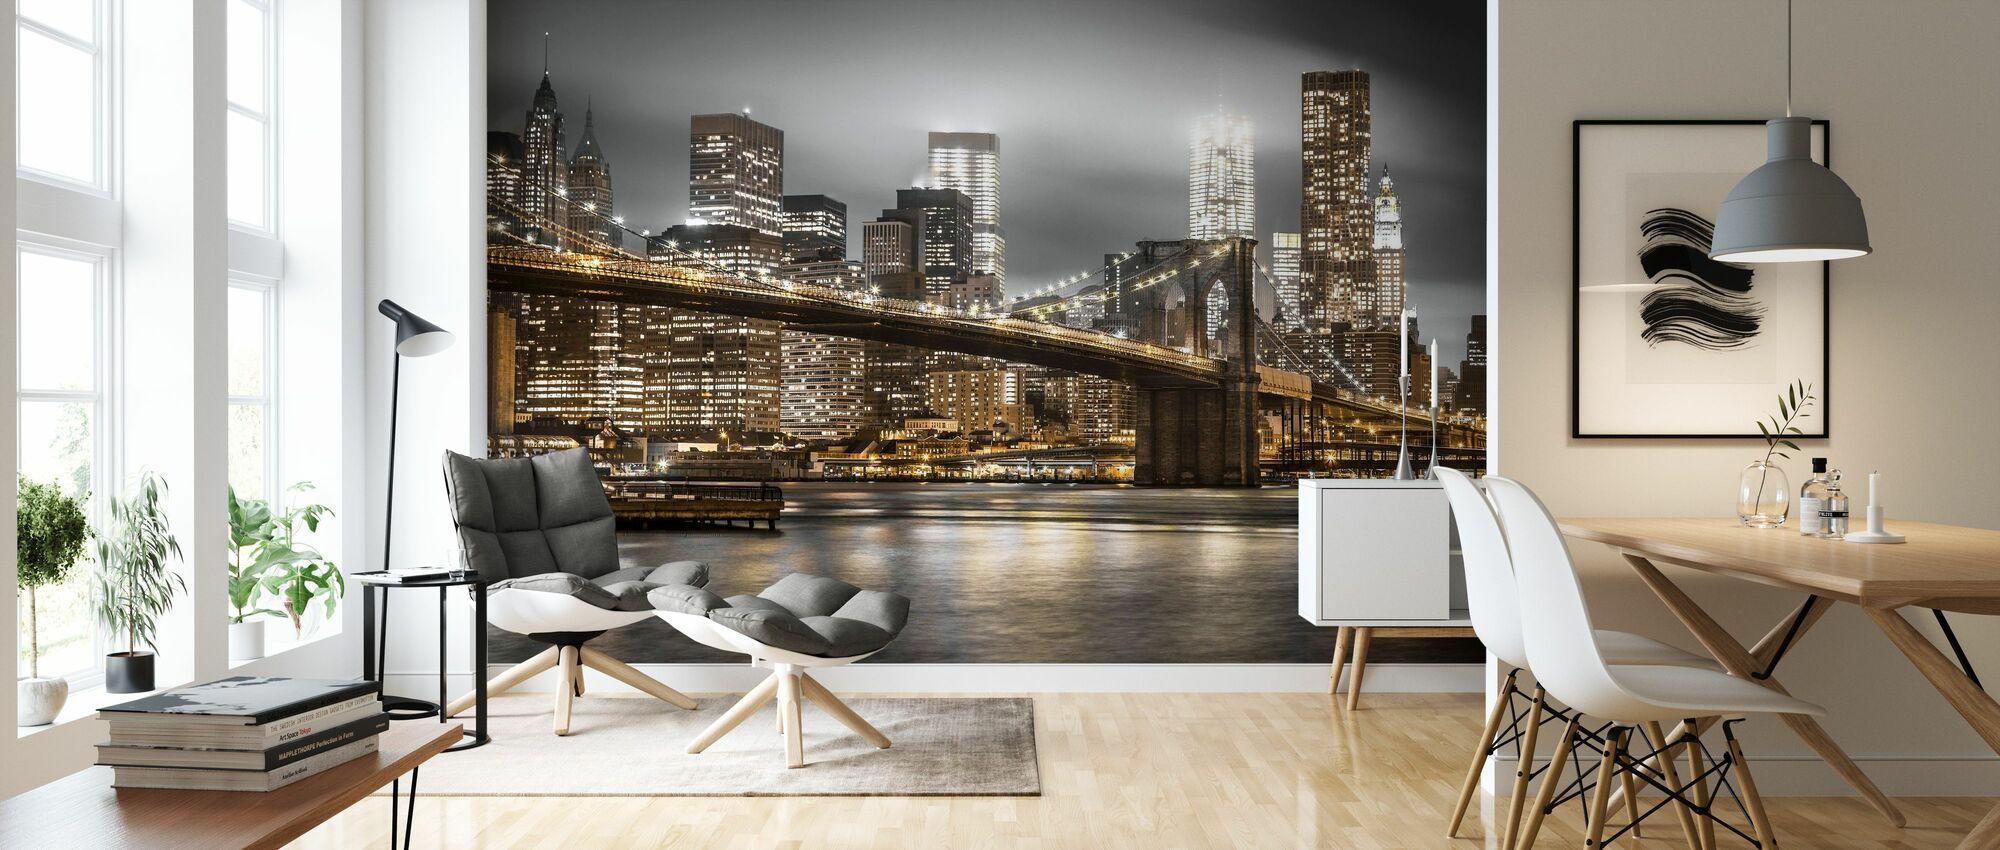 New York - Wallpaper - Living Room